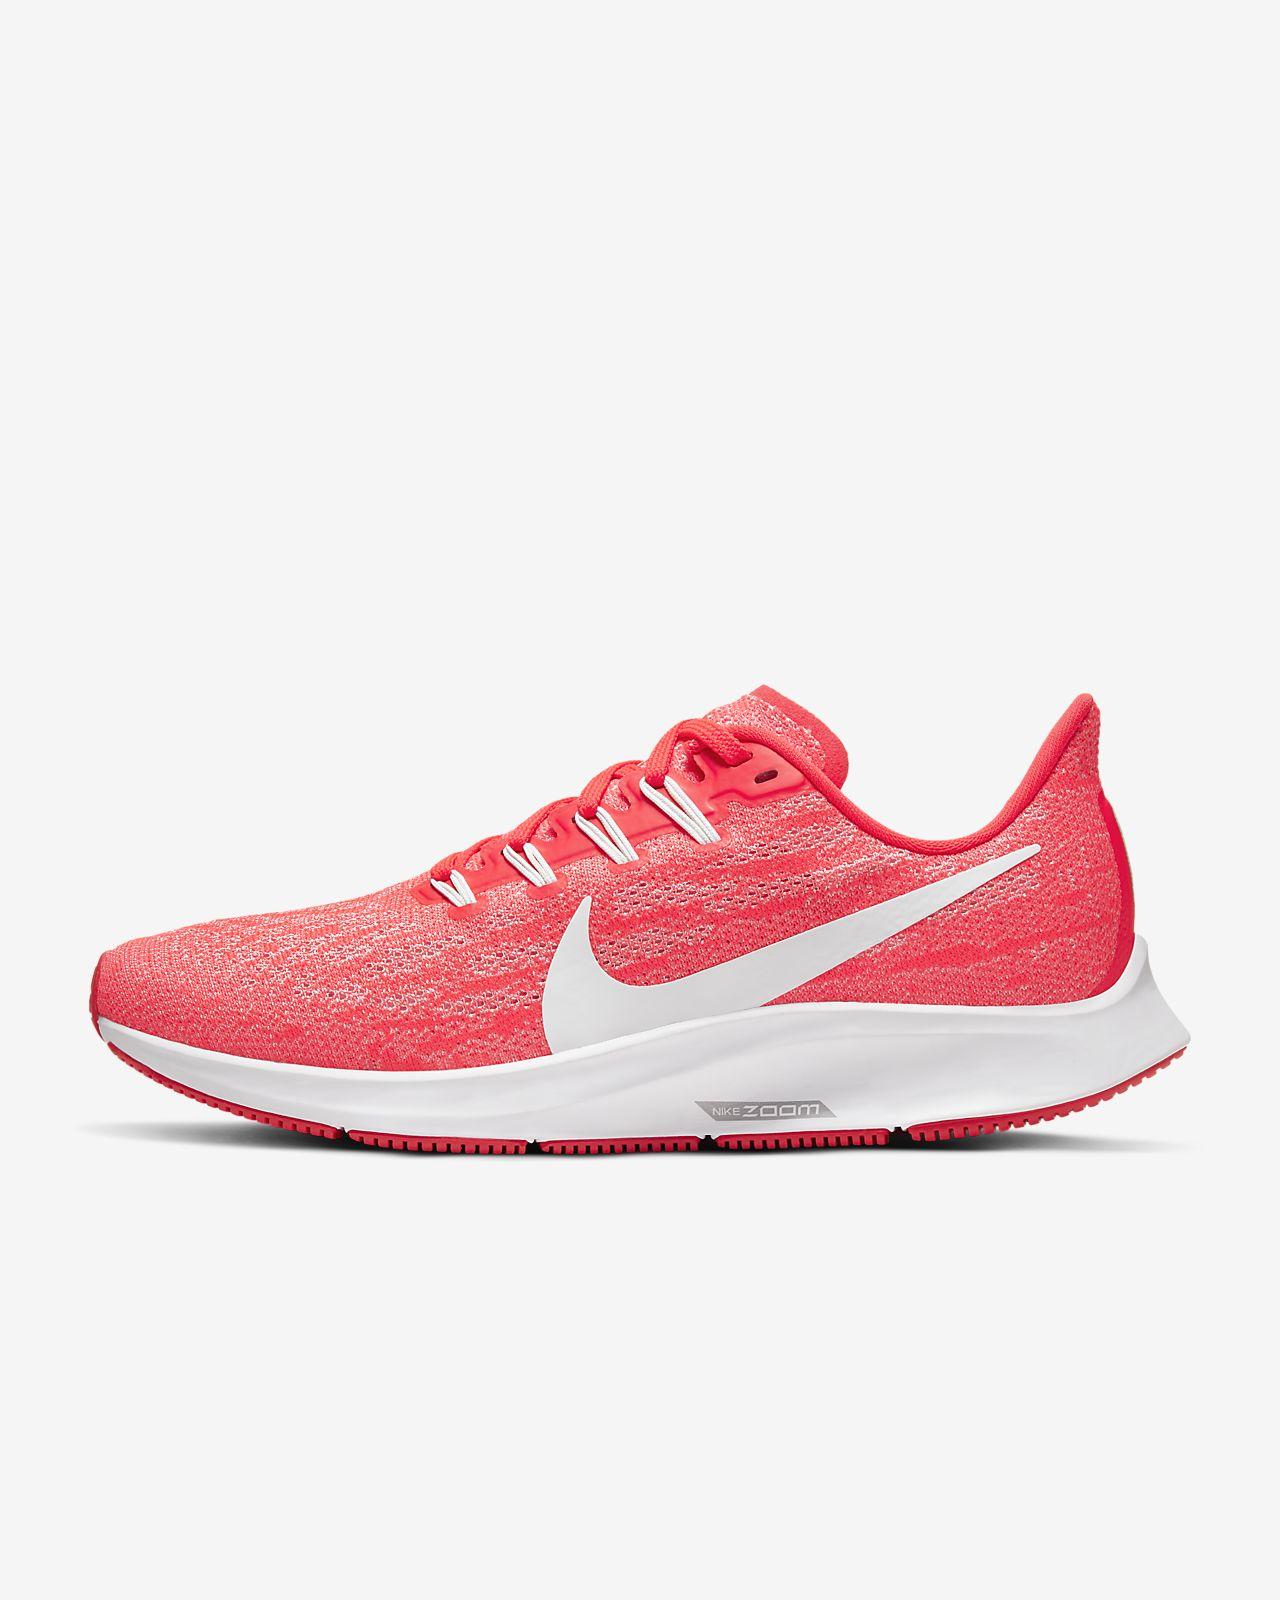 Dámská běžecká bota Nike Air Zoom Pegasus 36